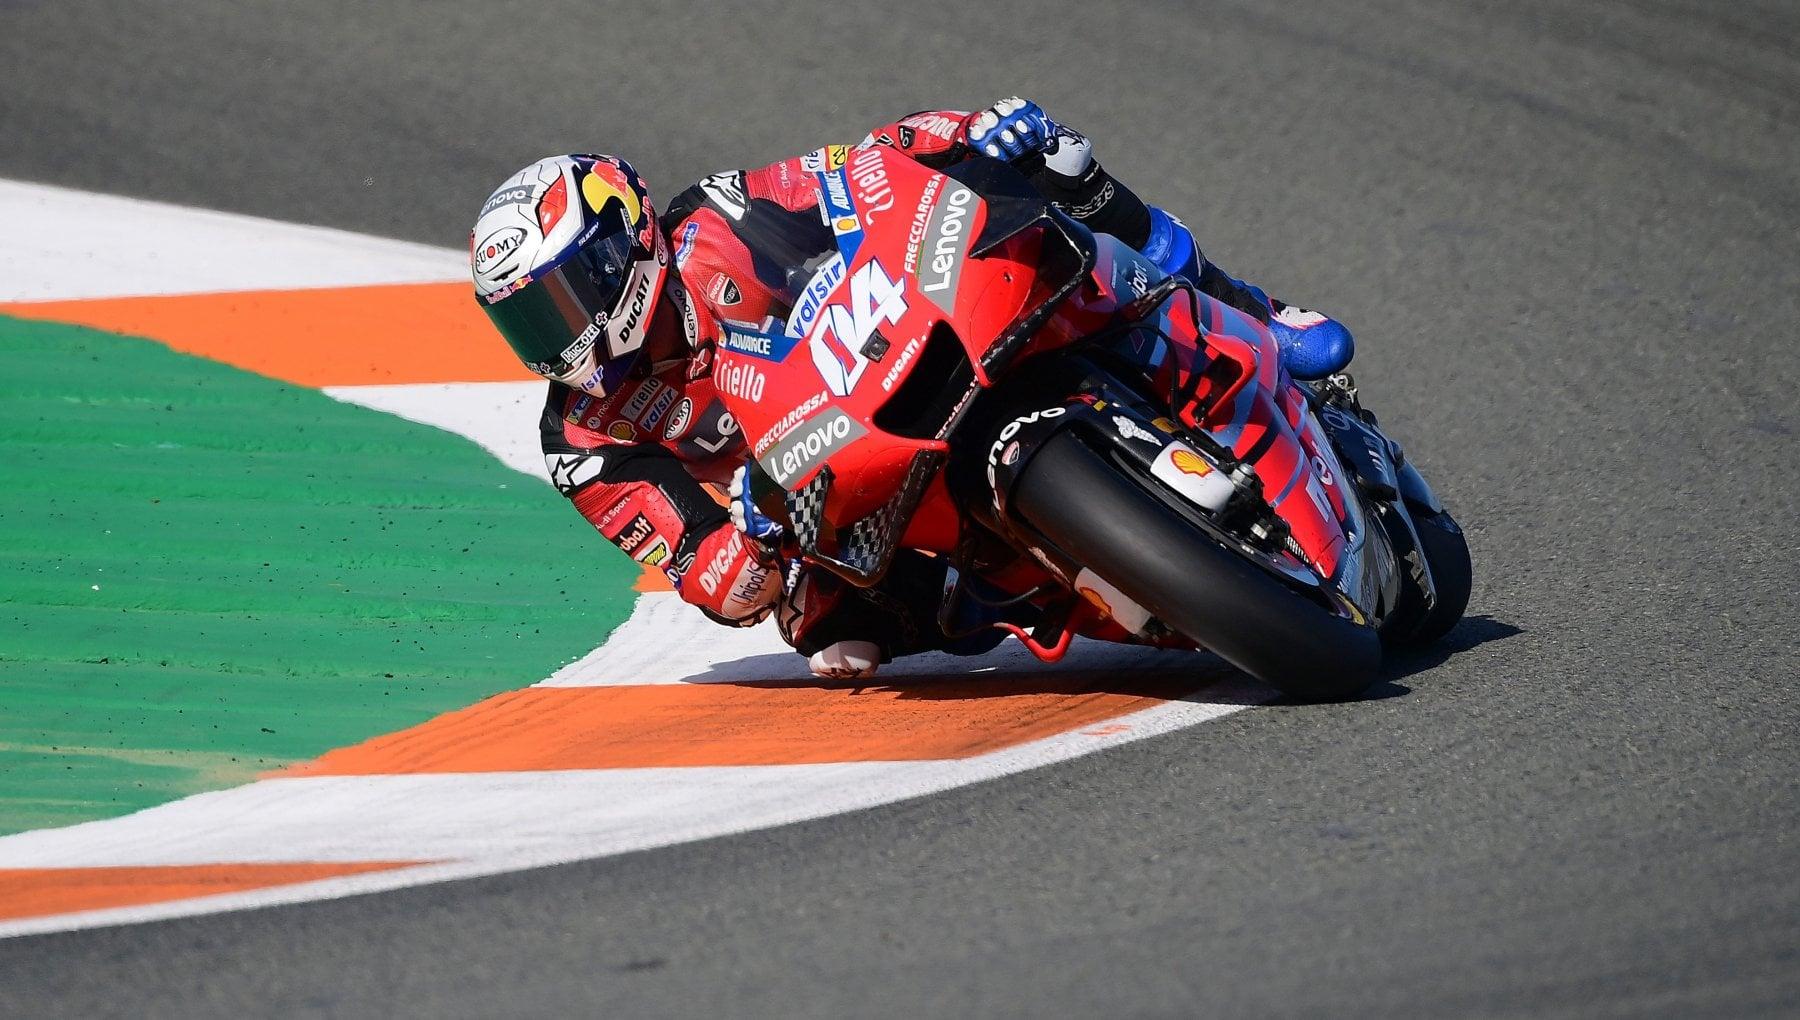 MotoGp Ducati gioiello con troppo ego. Anatomia di una altra stagione no